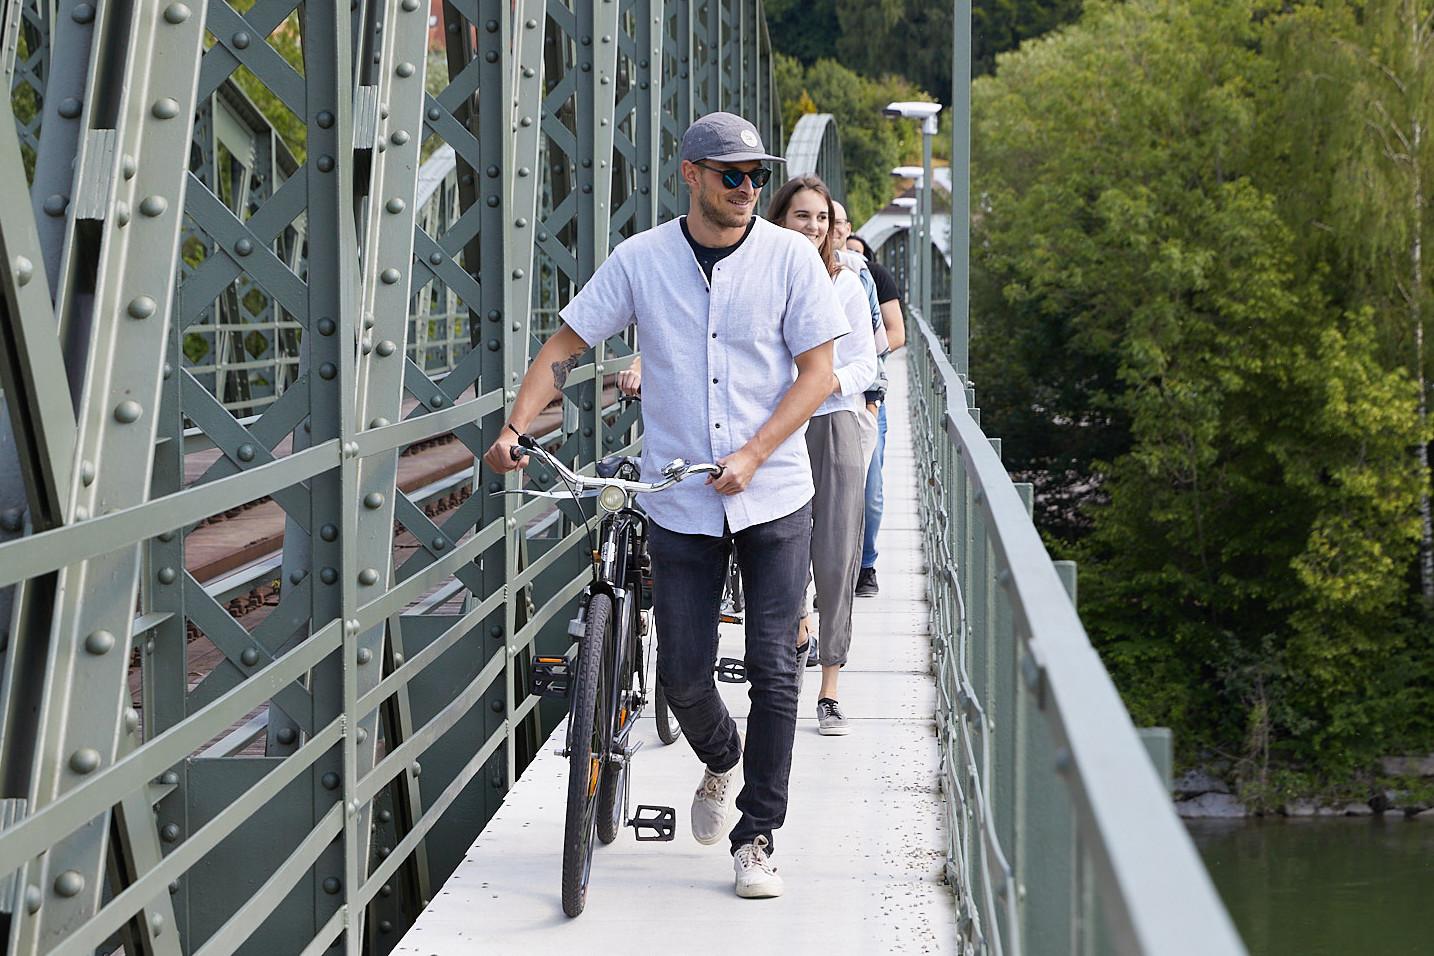 Personen mit Fahrrädern